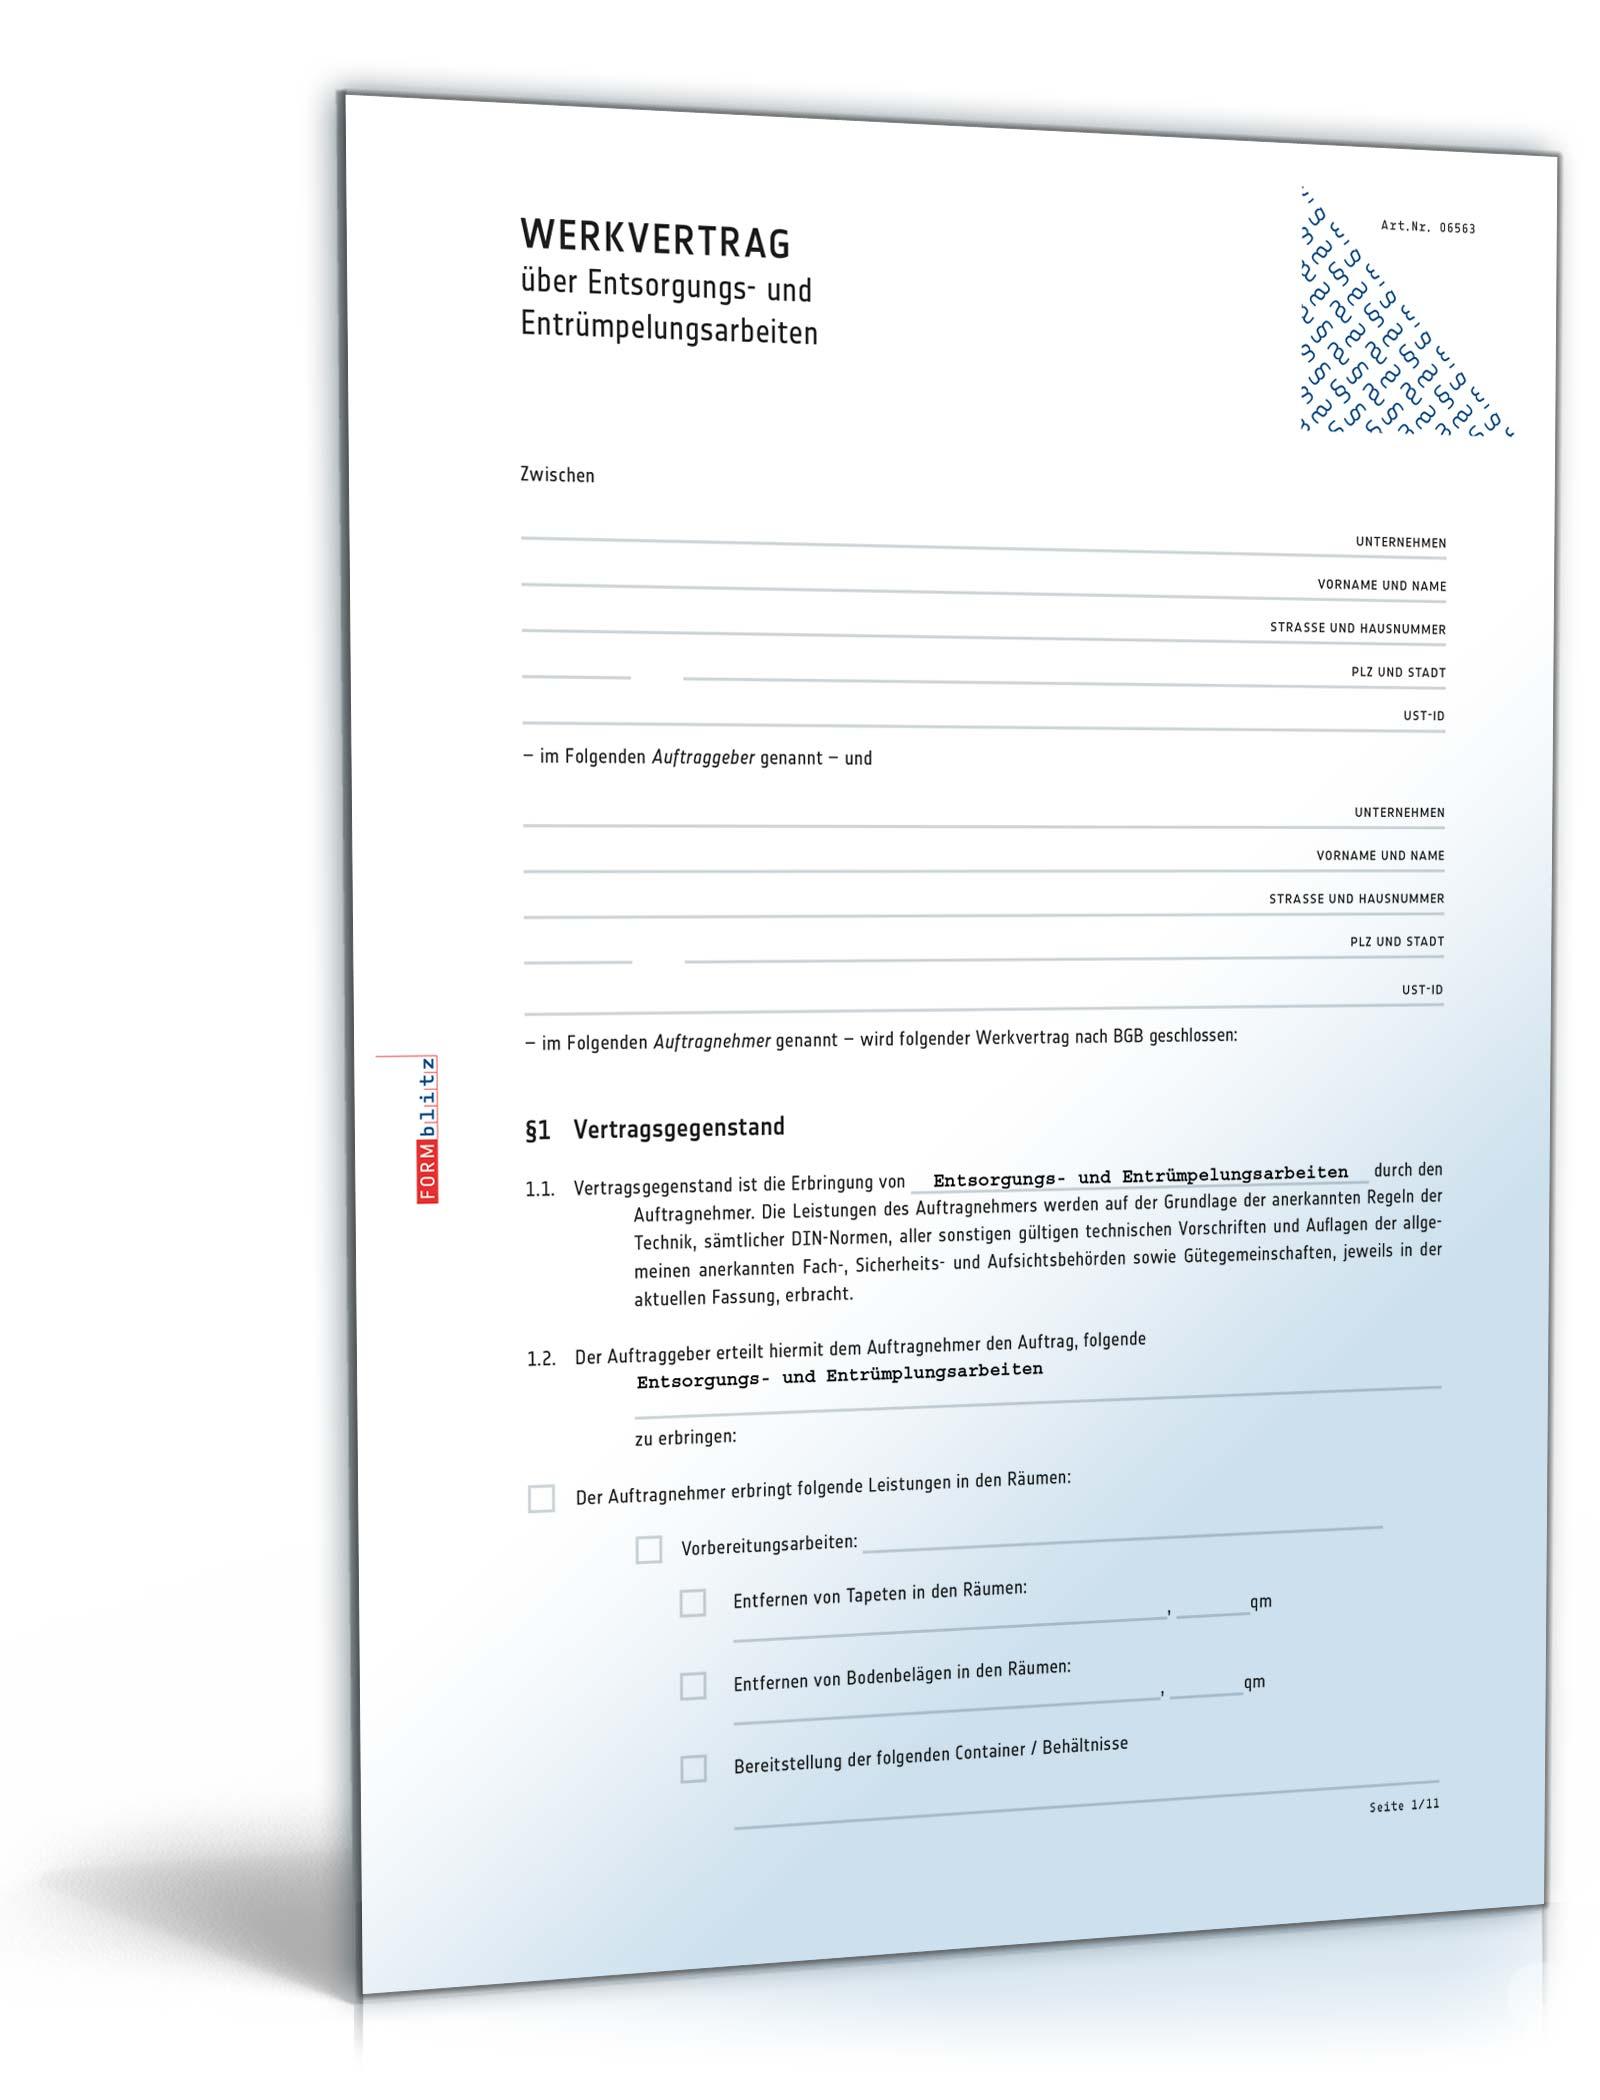 Werkvertrag Entsorgungs Und Entrümpelungsarbeiten Muster Zum Download